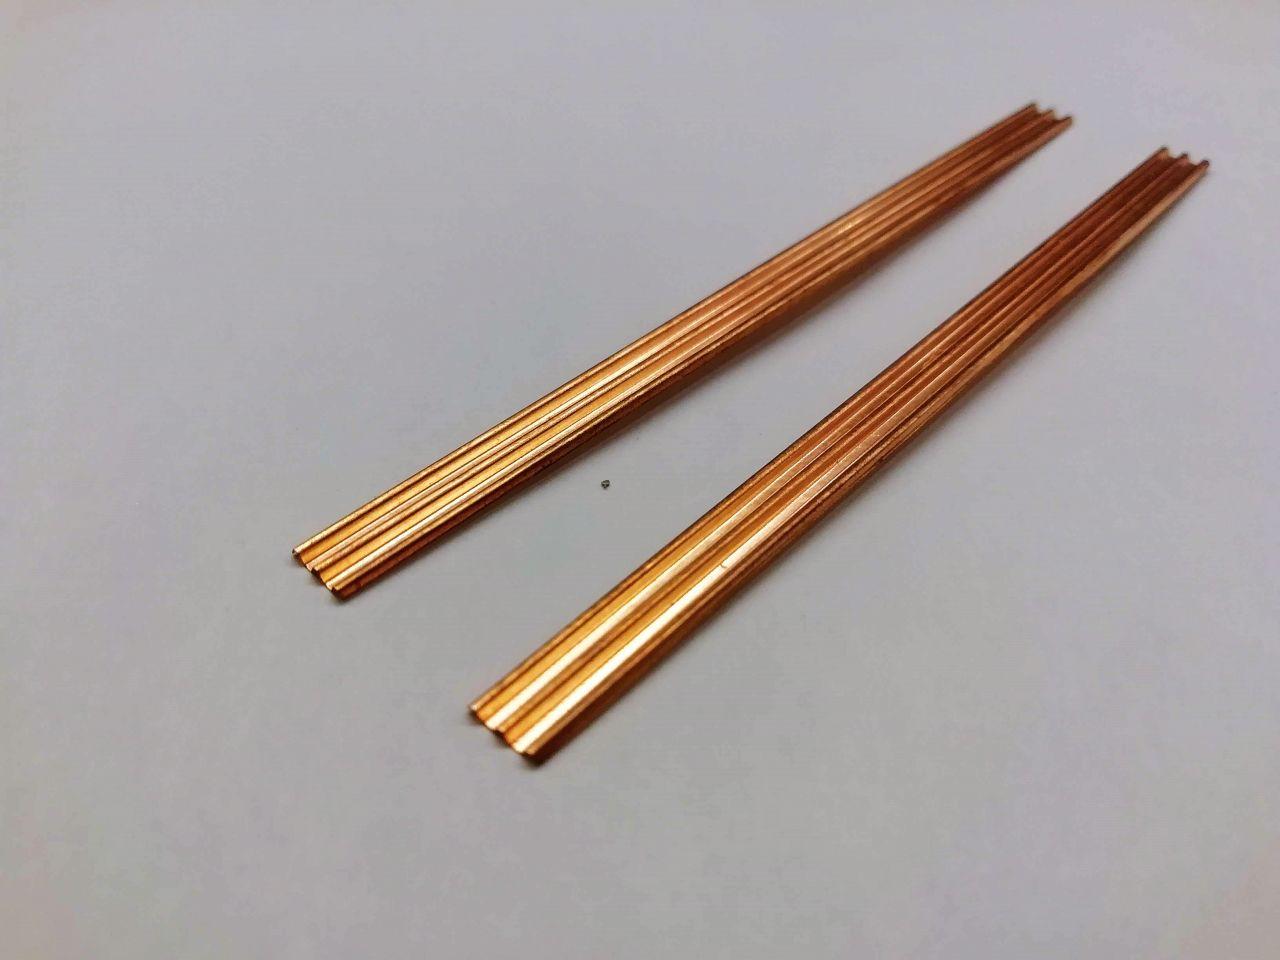 NSj Modell SZK01B szalagkorlát, 3 sávos, 2db (1:87)